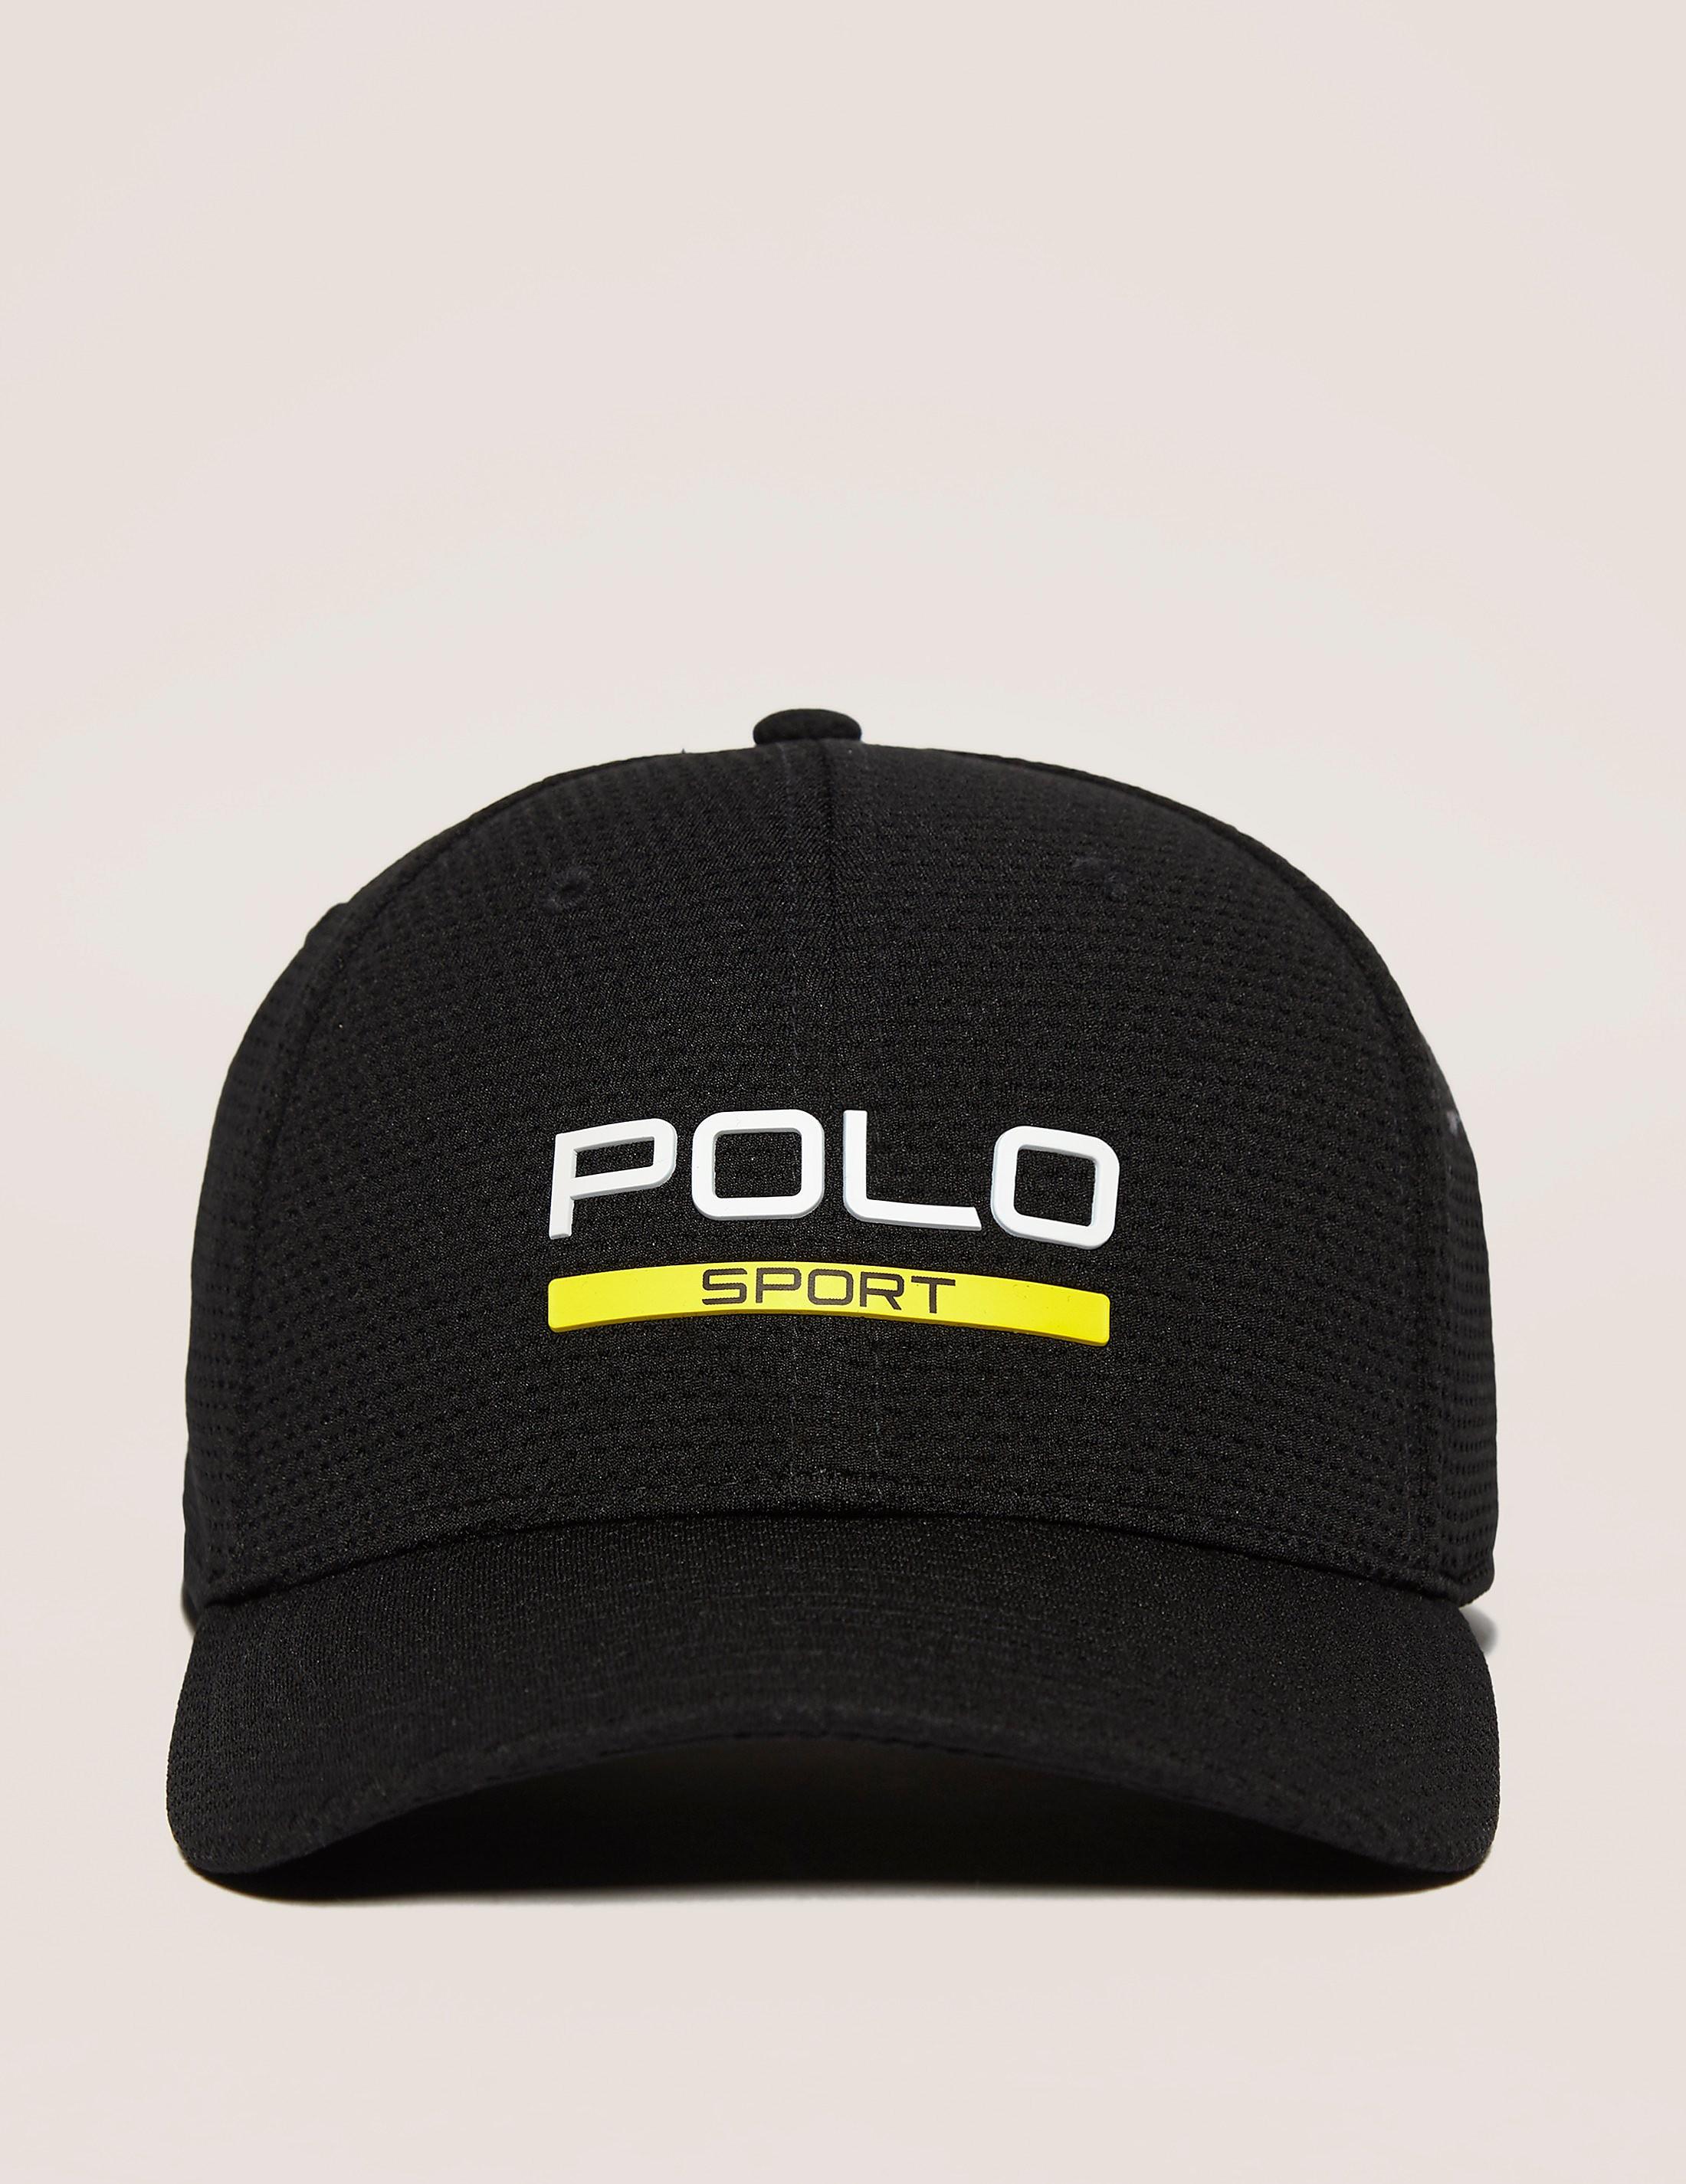 POLO SPORT Polo Sport Cap